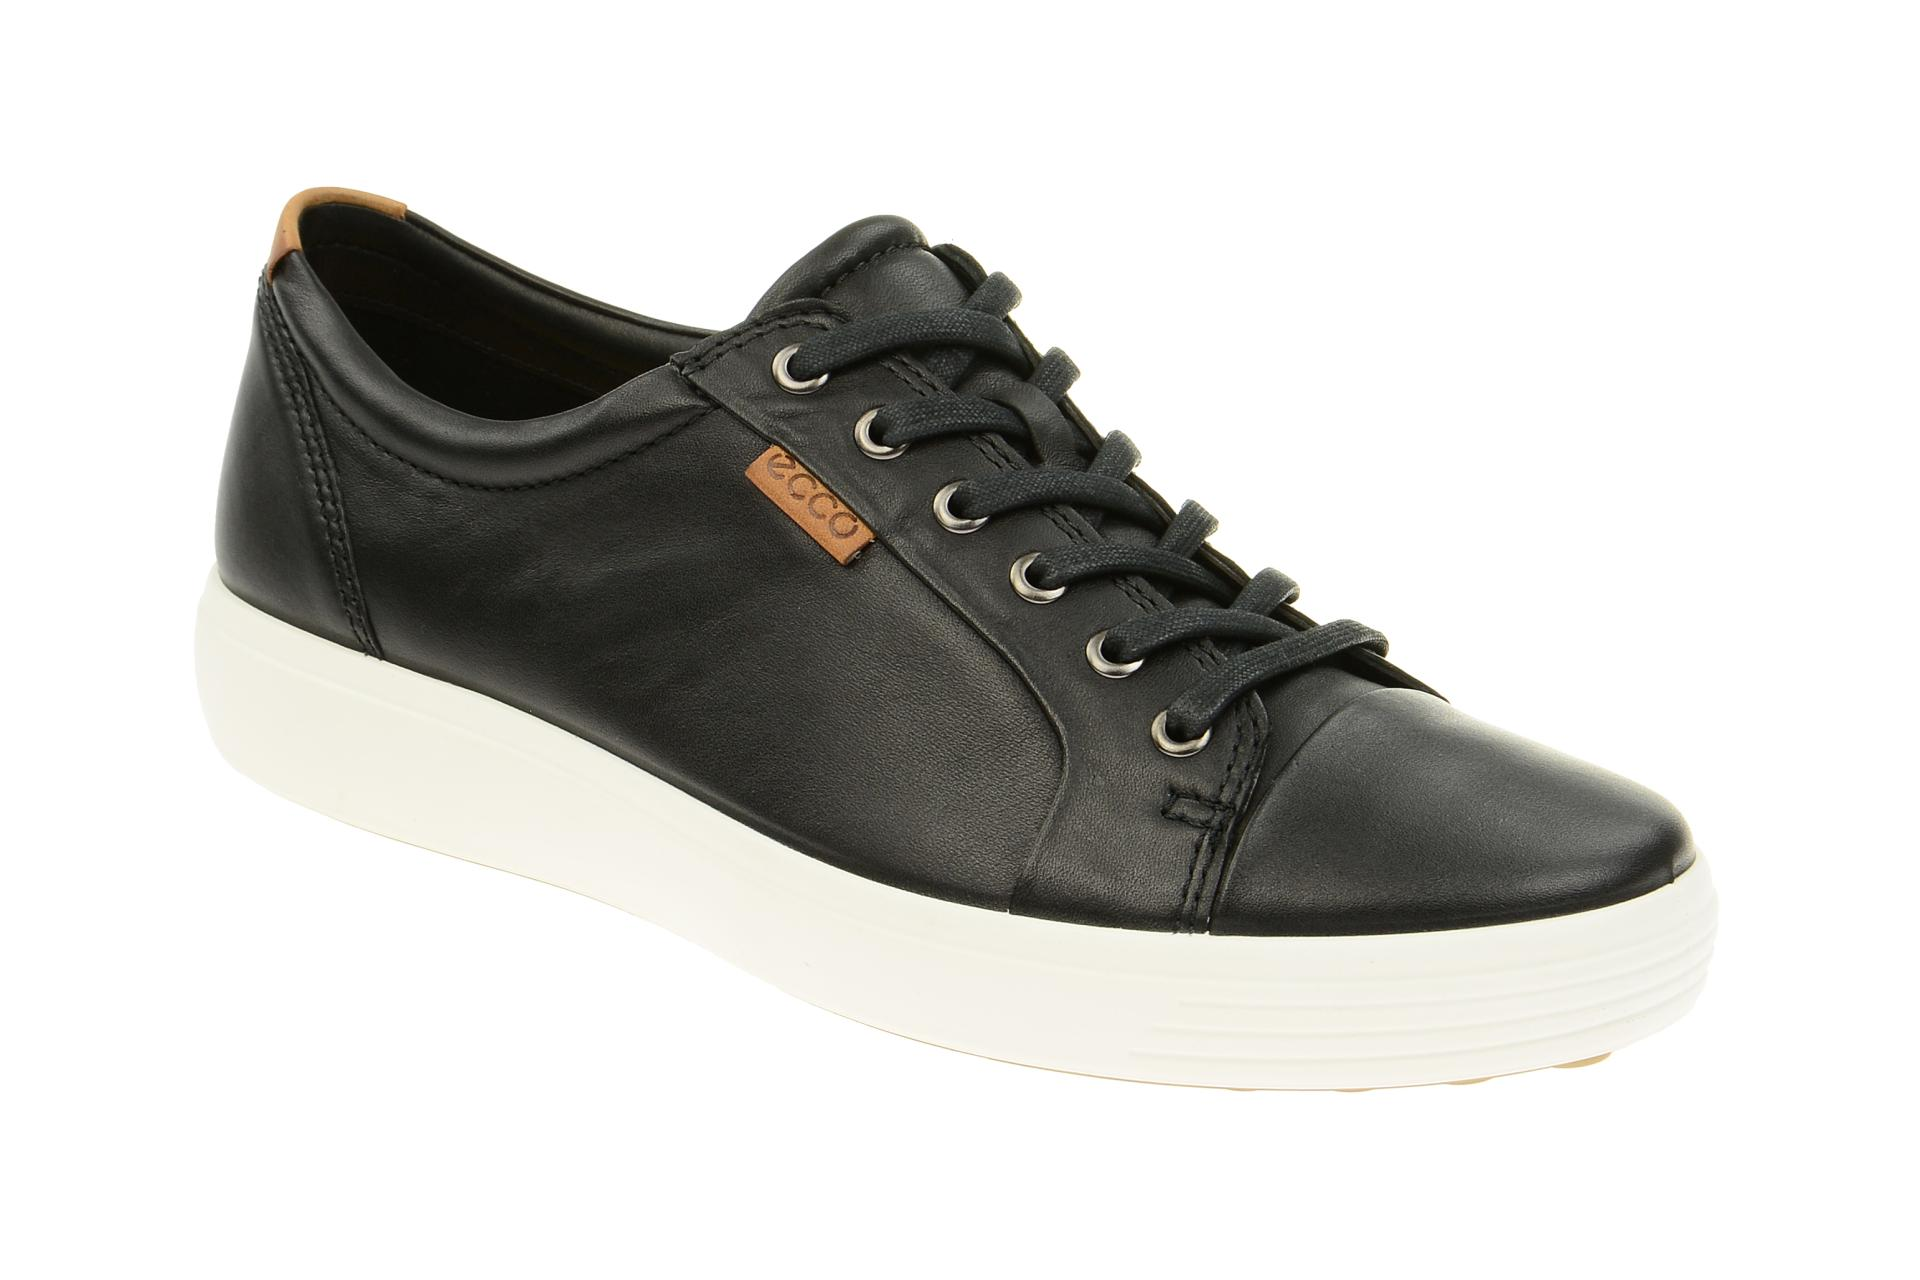 Details Ecco Schuhe Ladies Zu Damenschuhe 43000301001 Neu Soft Schwarz 7 qVpUMSz